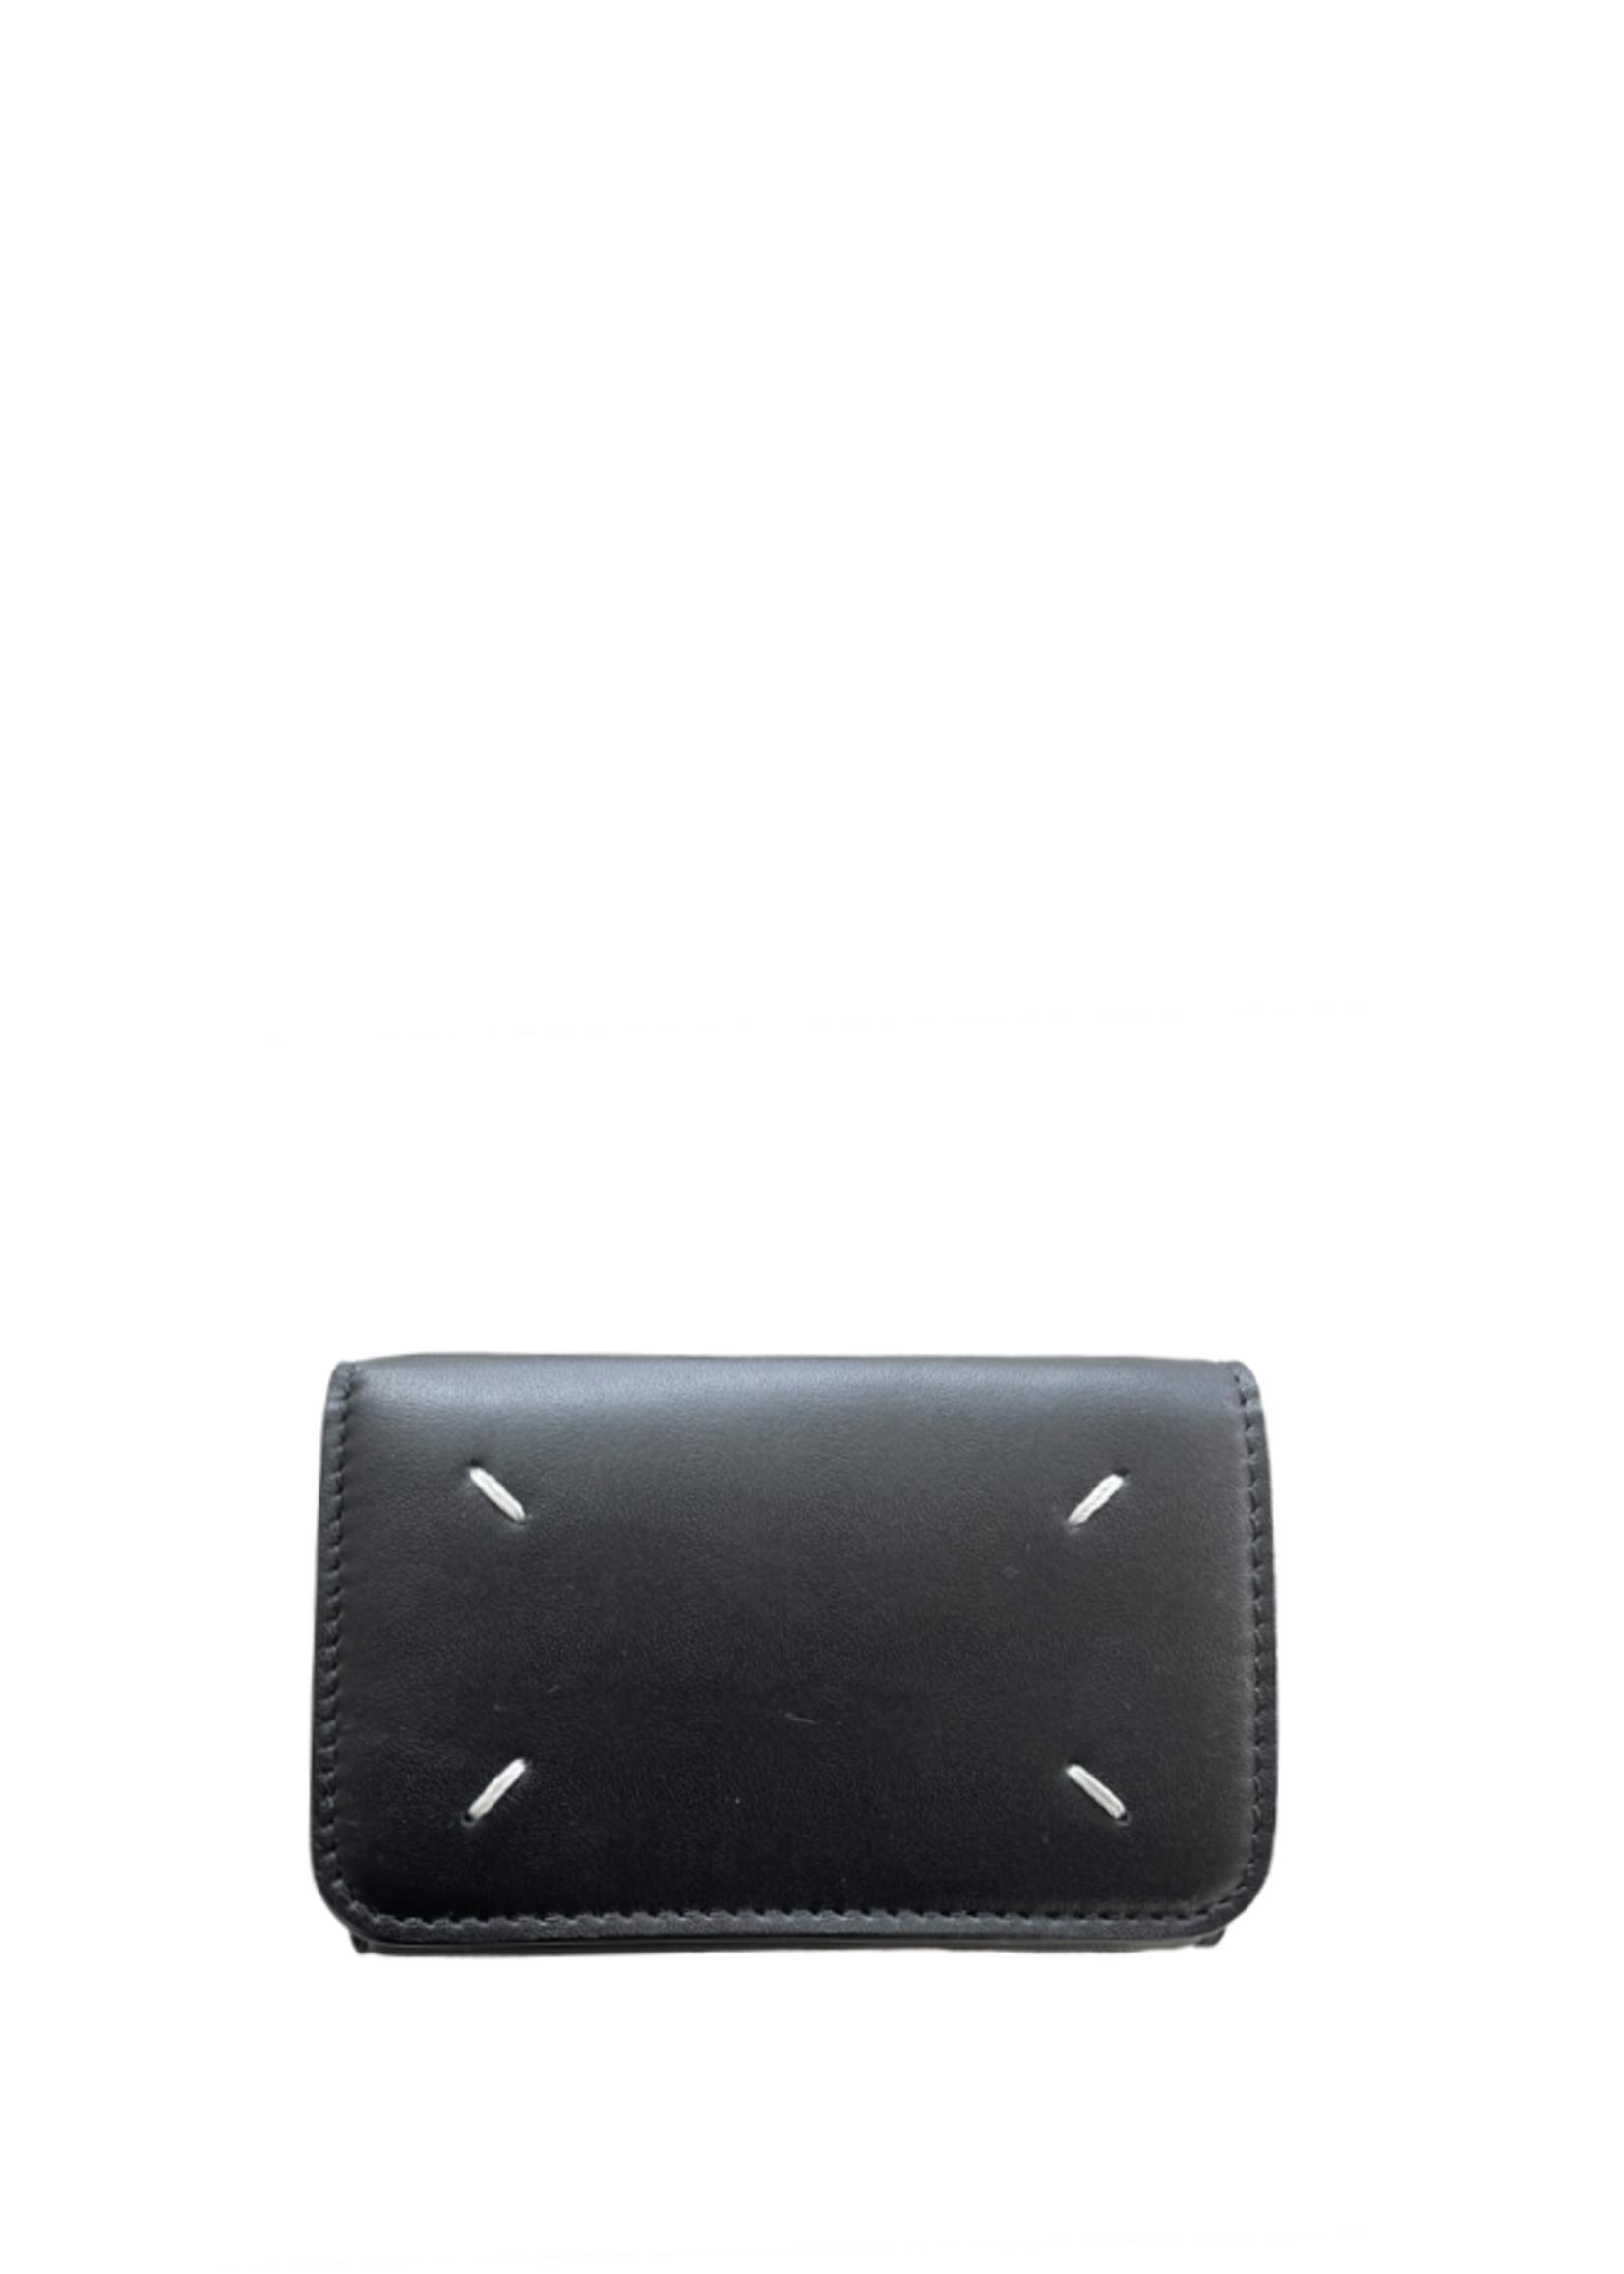 Maison Margiela Small Folding Snap Wallet in Black